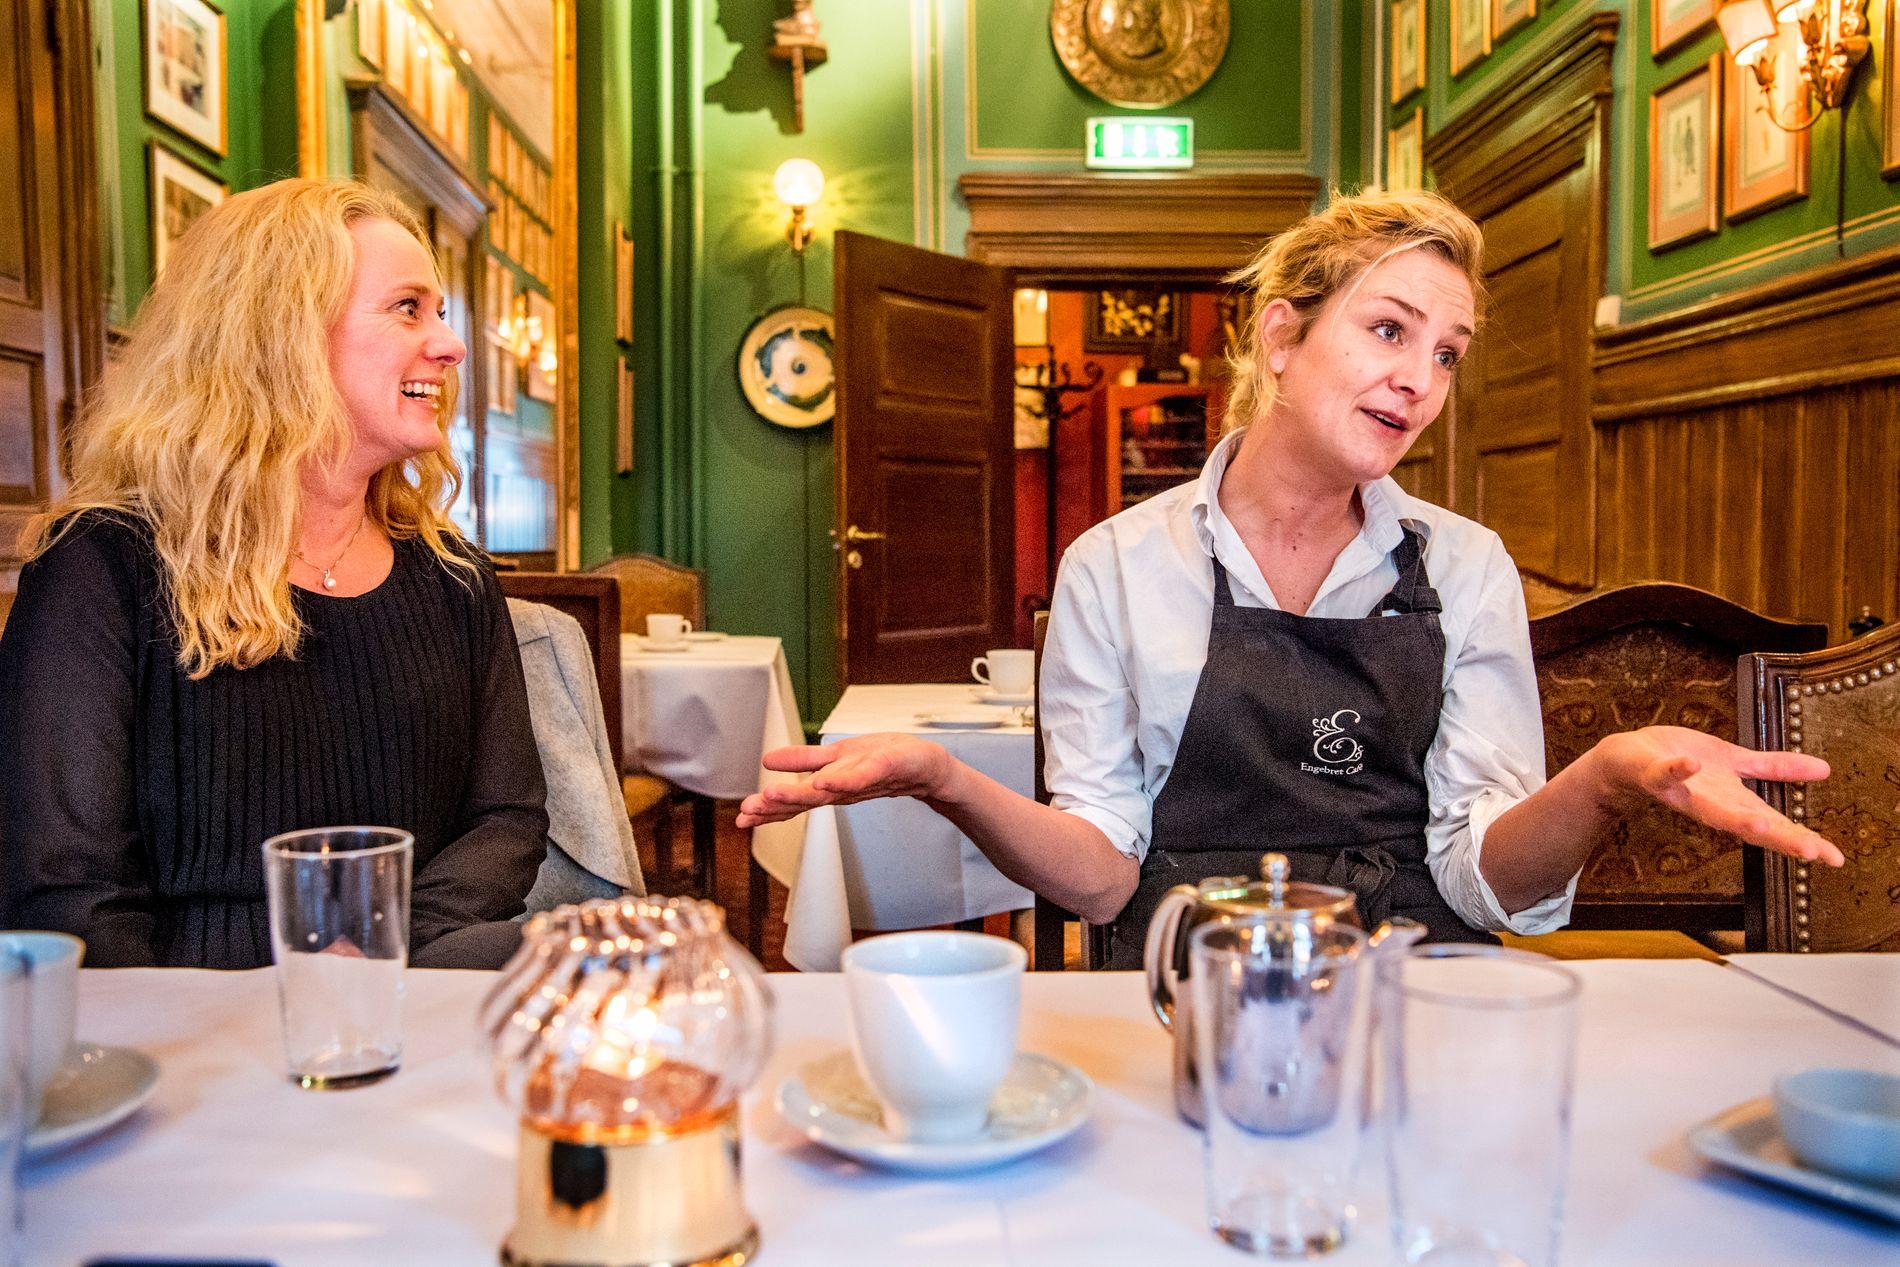 KAN BLI FUKTIG: – Det er ikke uvanlig at hver gjest drikker to-tre akevitt mot slutten av kvelden på julebord. Folk er i godt humør, og kan kanskje oftere trå over streken, sier servitør ved Engebret Café, Karen Mortensen. Her sammen med arbeidsminister Anniken Hauglie.